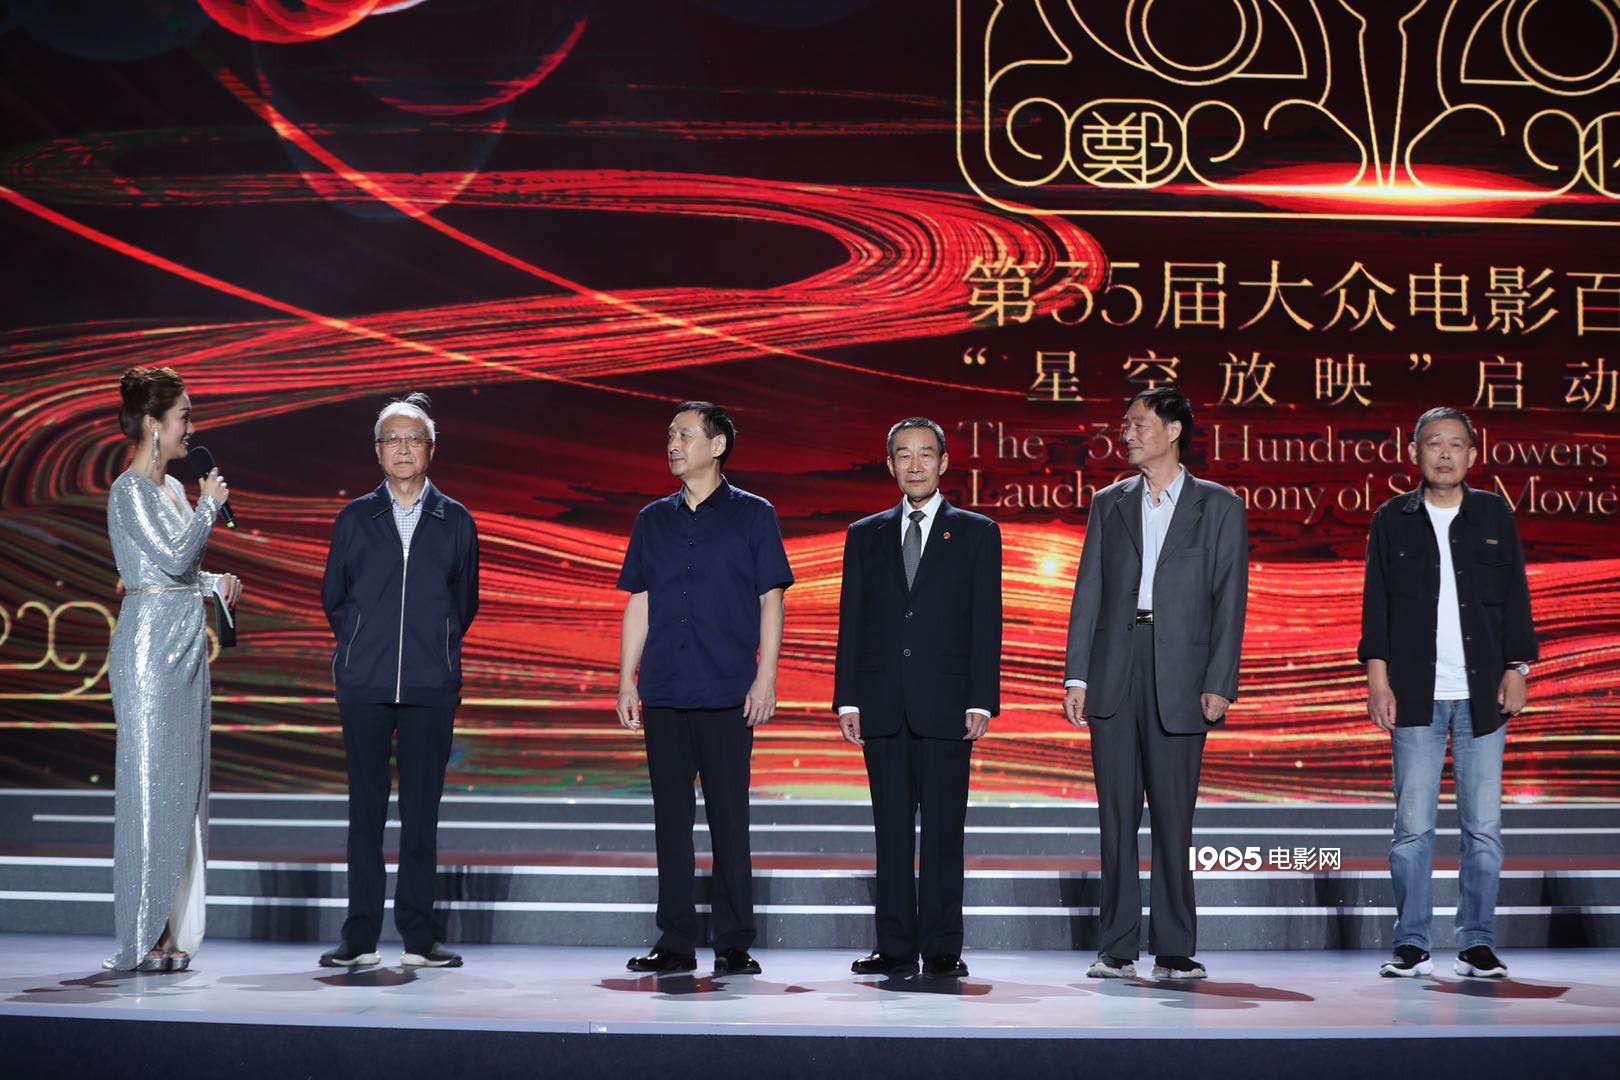 第35届百花奖启动 李雪健携《焦裕禄》30年后重聚 第1张